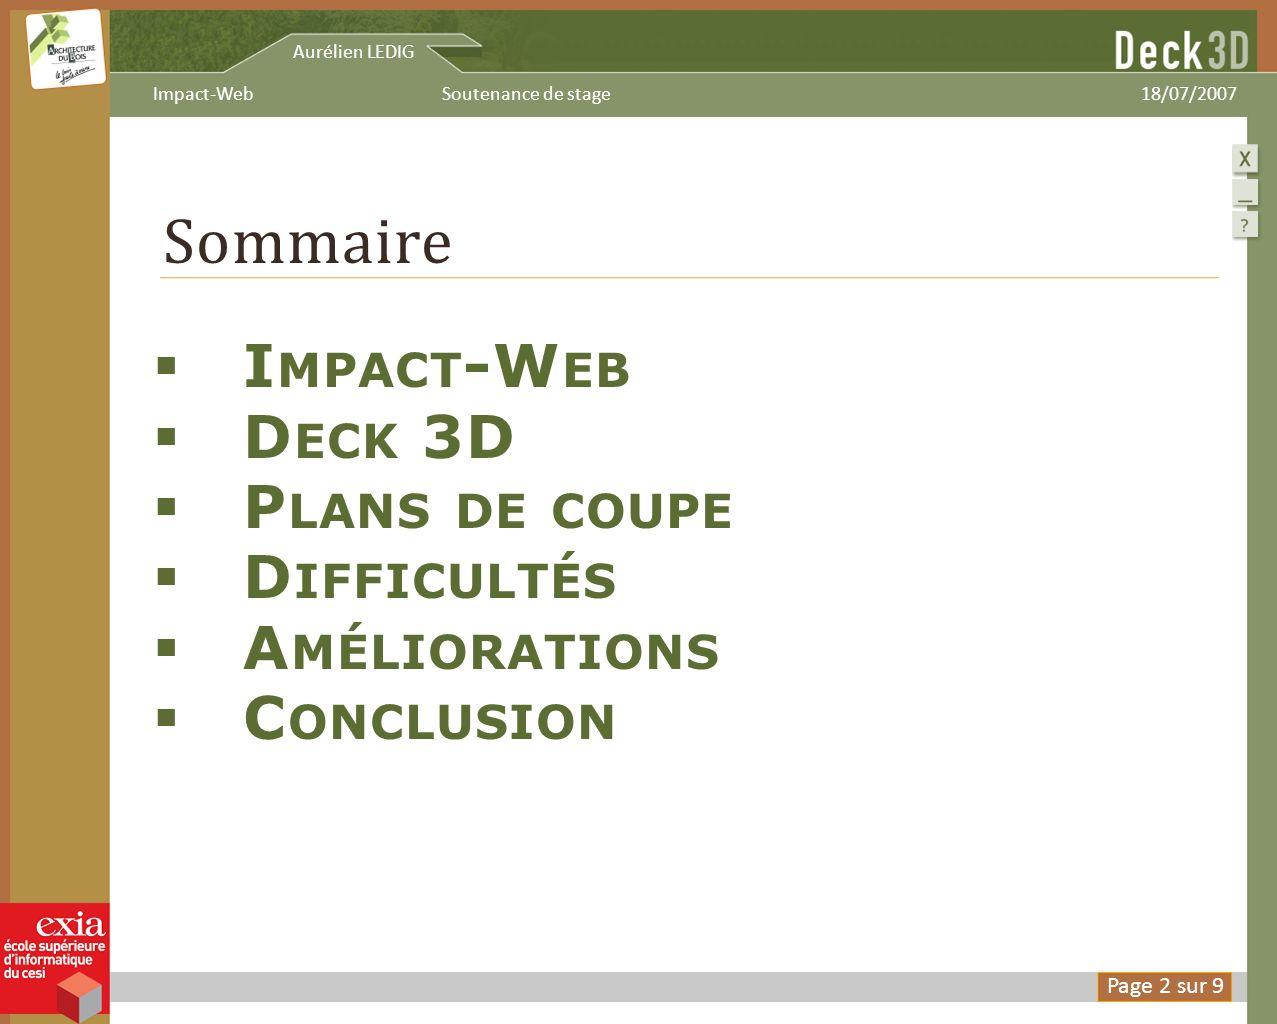 Sommaire Impact-Web Deck 3D Plans de coupe Difficultés Améliorations